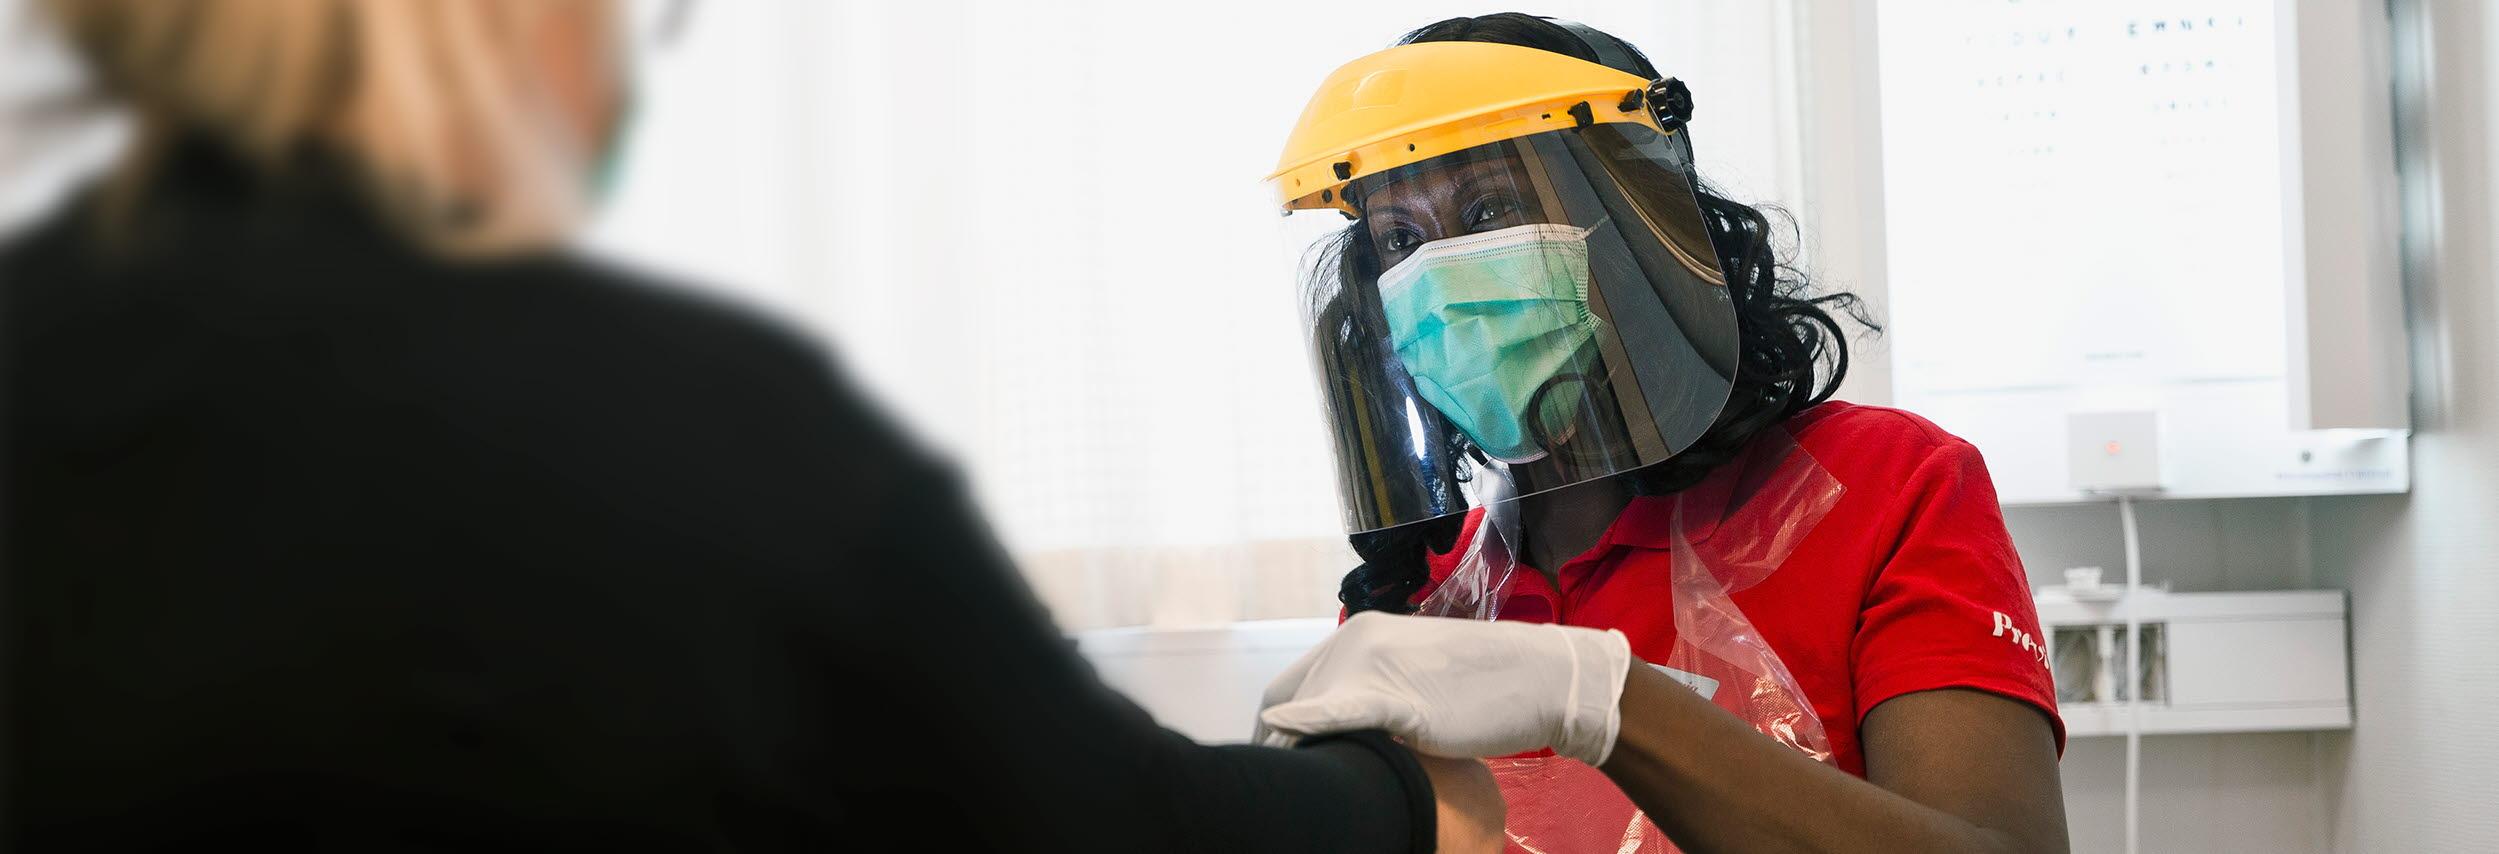 Kvinnlig intensivvårdssjuksköterska klädd i full skyddsutrustning för att inte smittas av covid-19